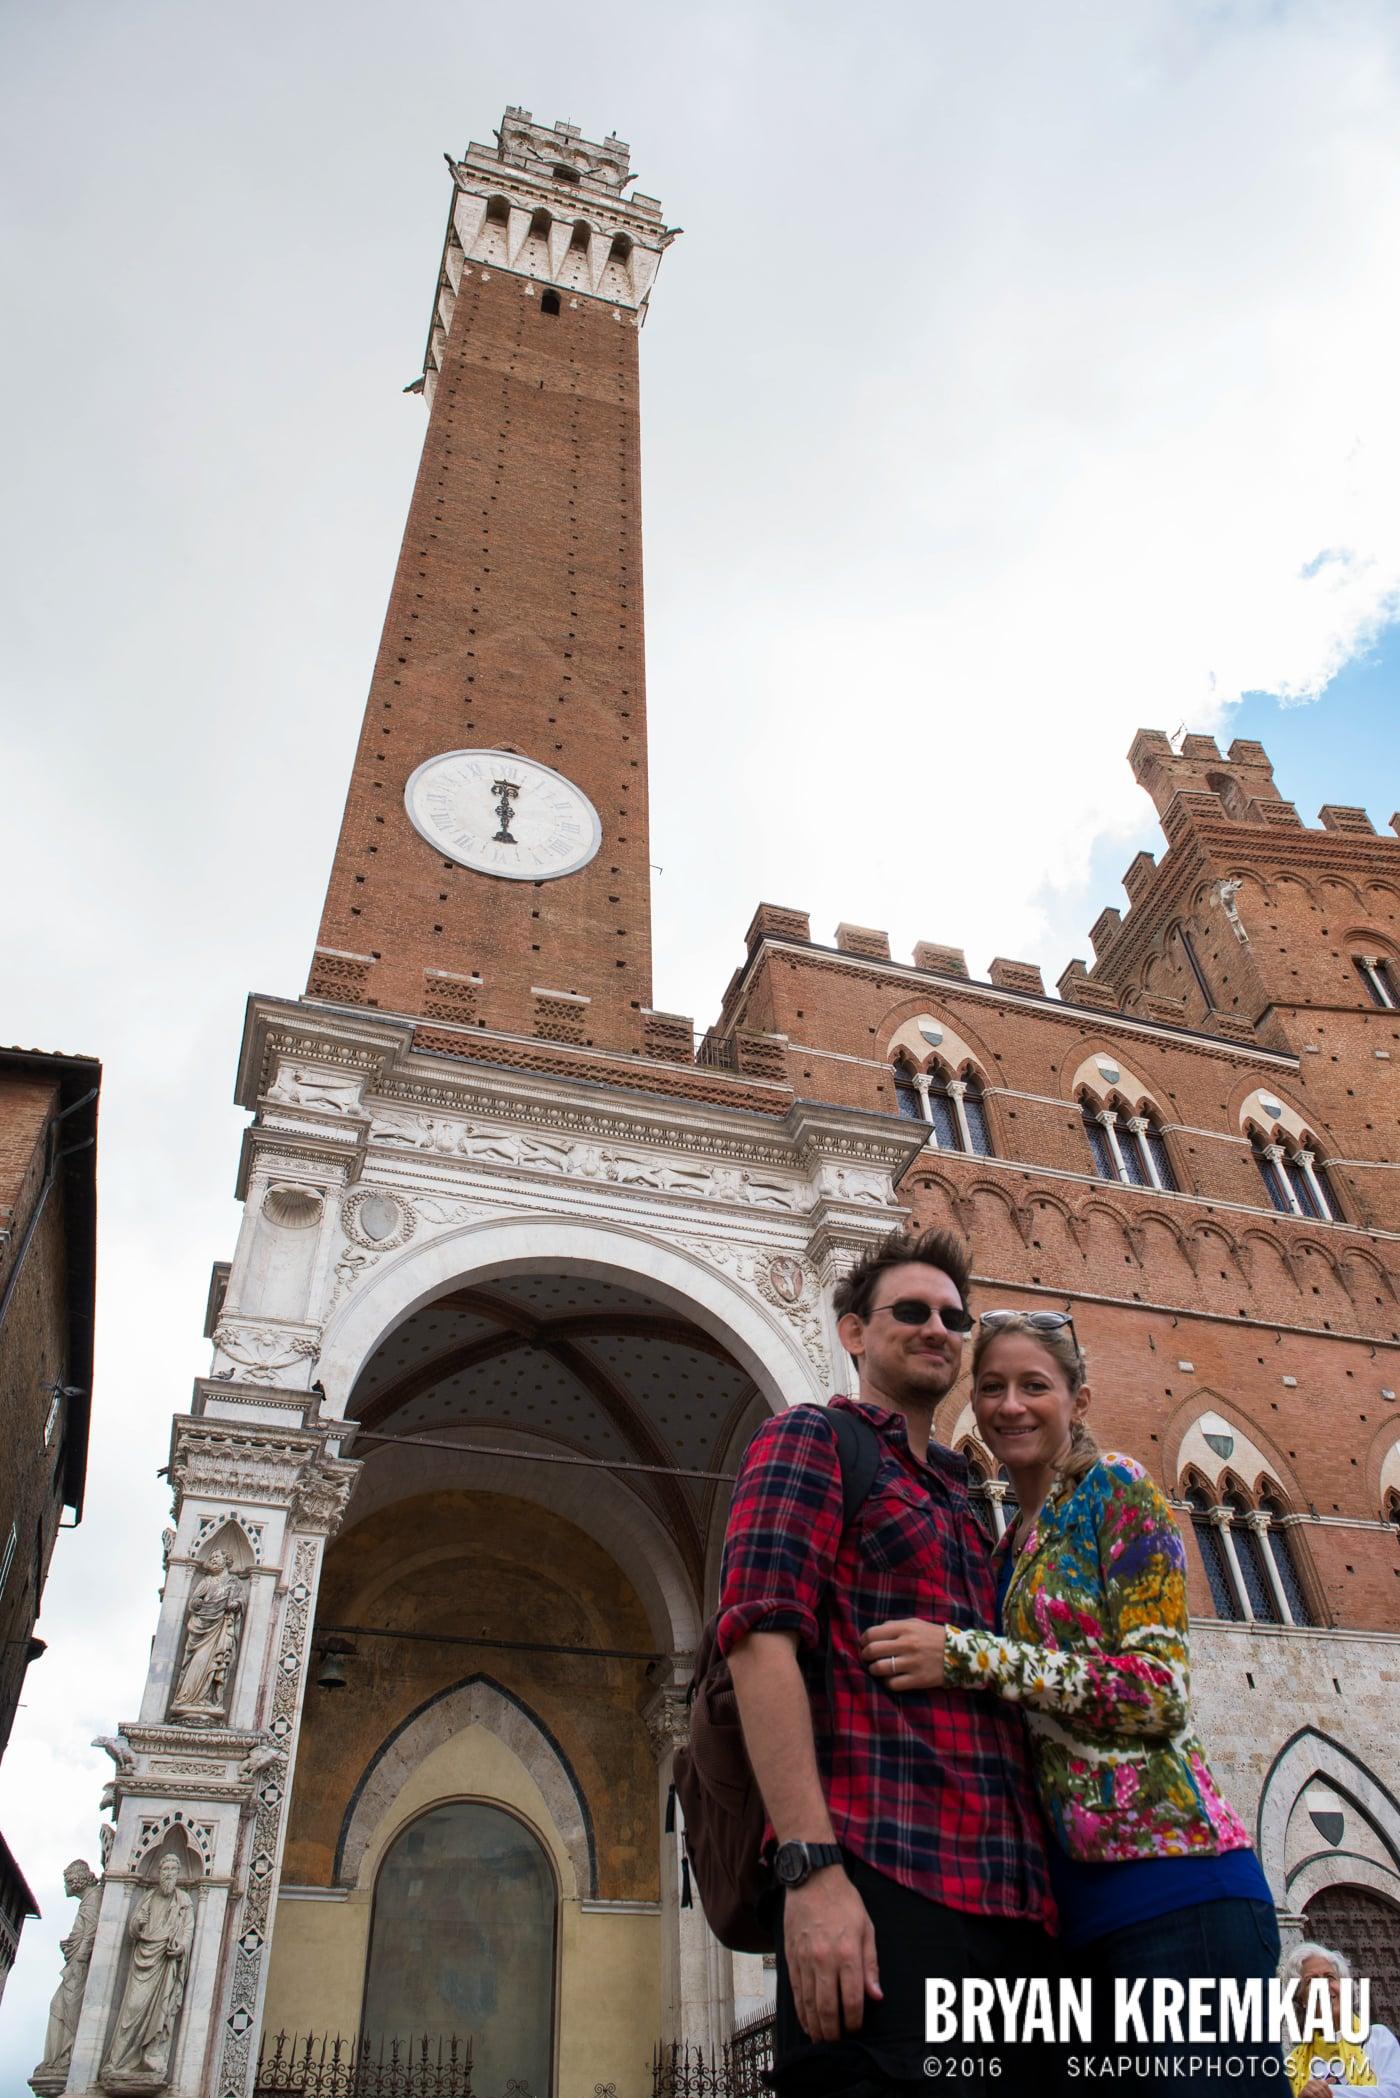 Italy Vacation - Day 8: Siena, San Gimignano, Chianti, Pisa - 9.16.13 (113)